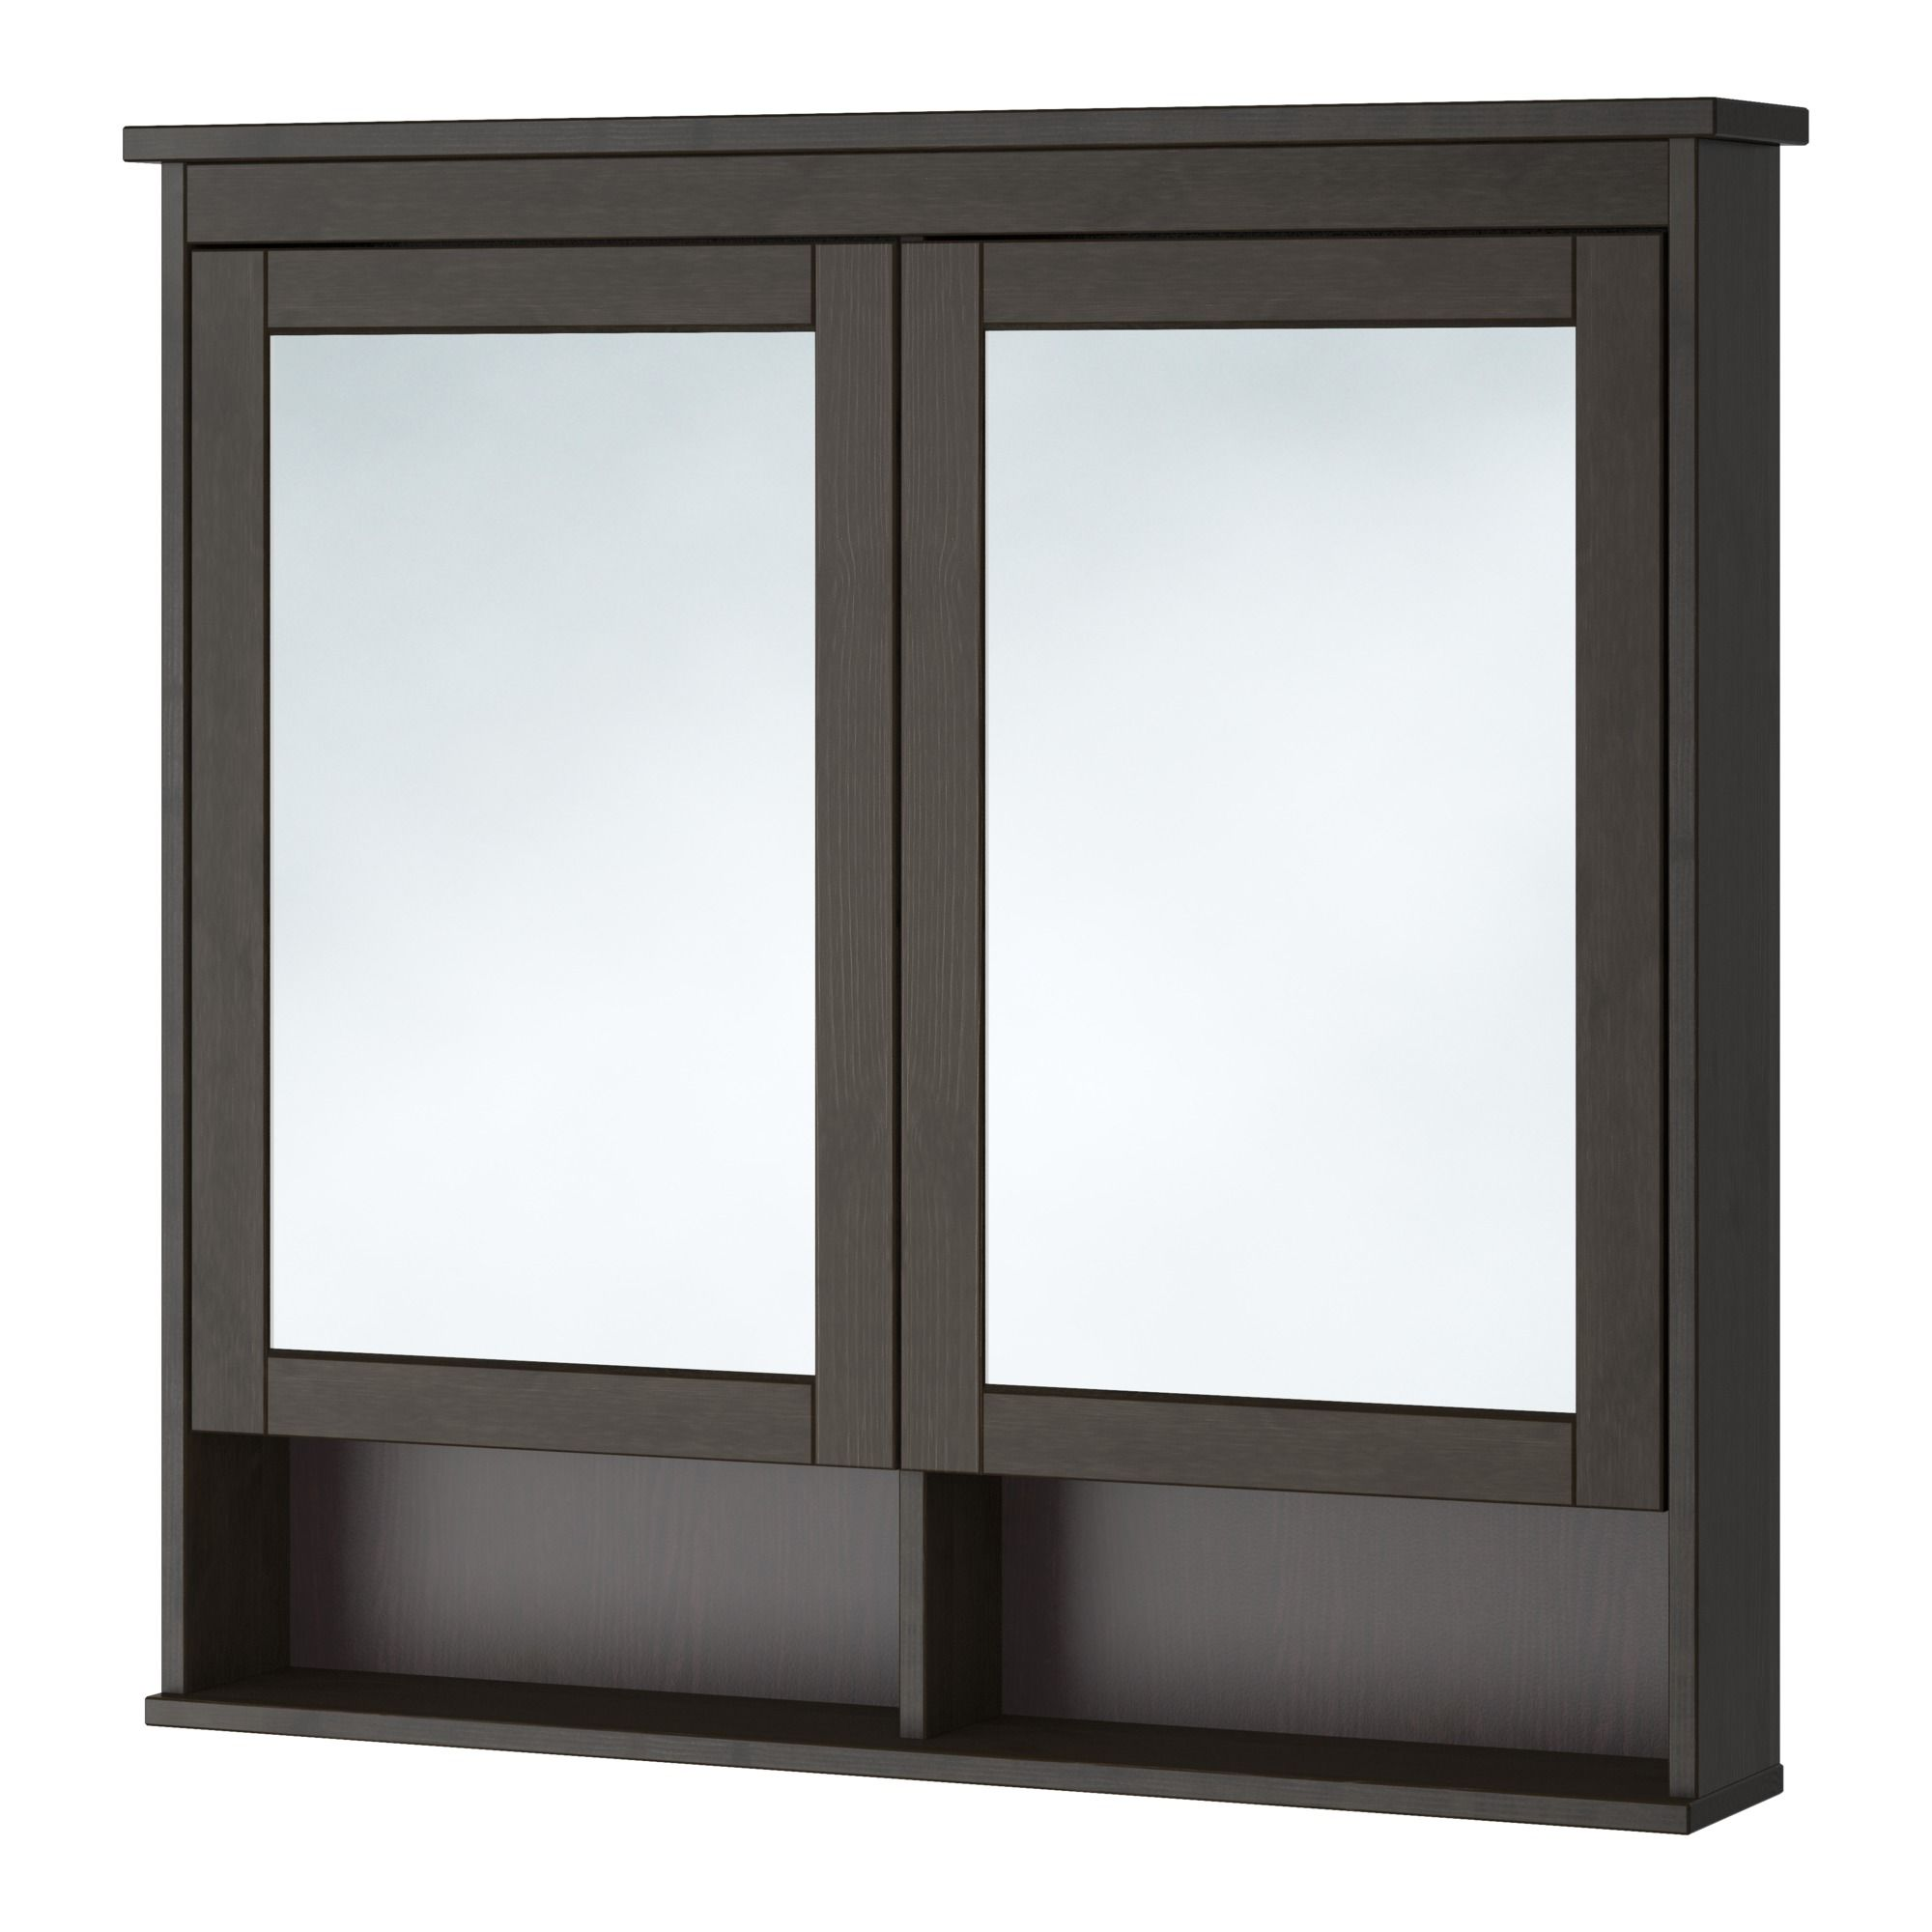 HEMNES, Spiegelschrank 2 Türen, Schwarzbraun Jetzt Bestellen Unter:  Https://moebel